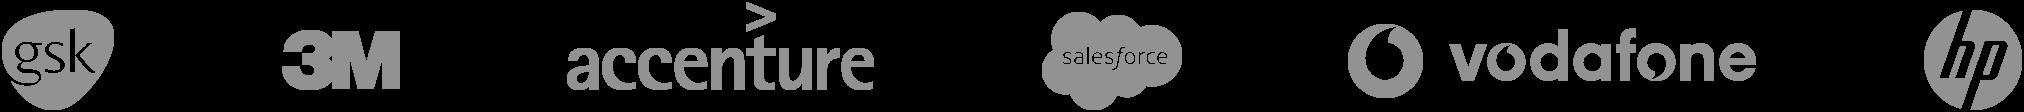 Partner company logos